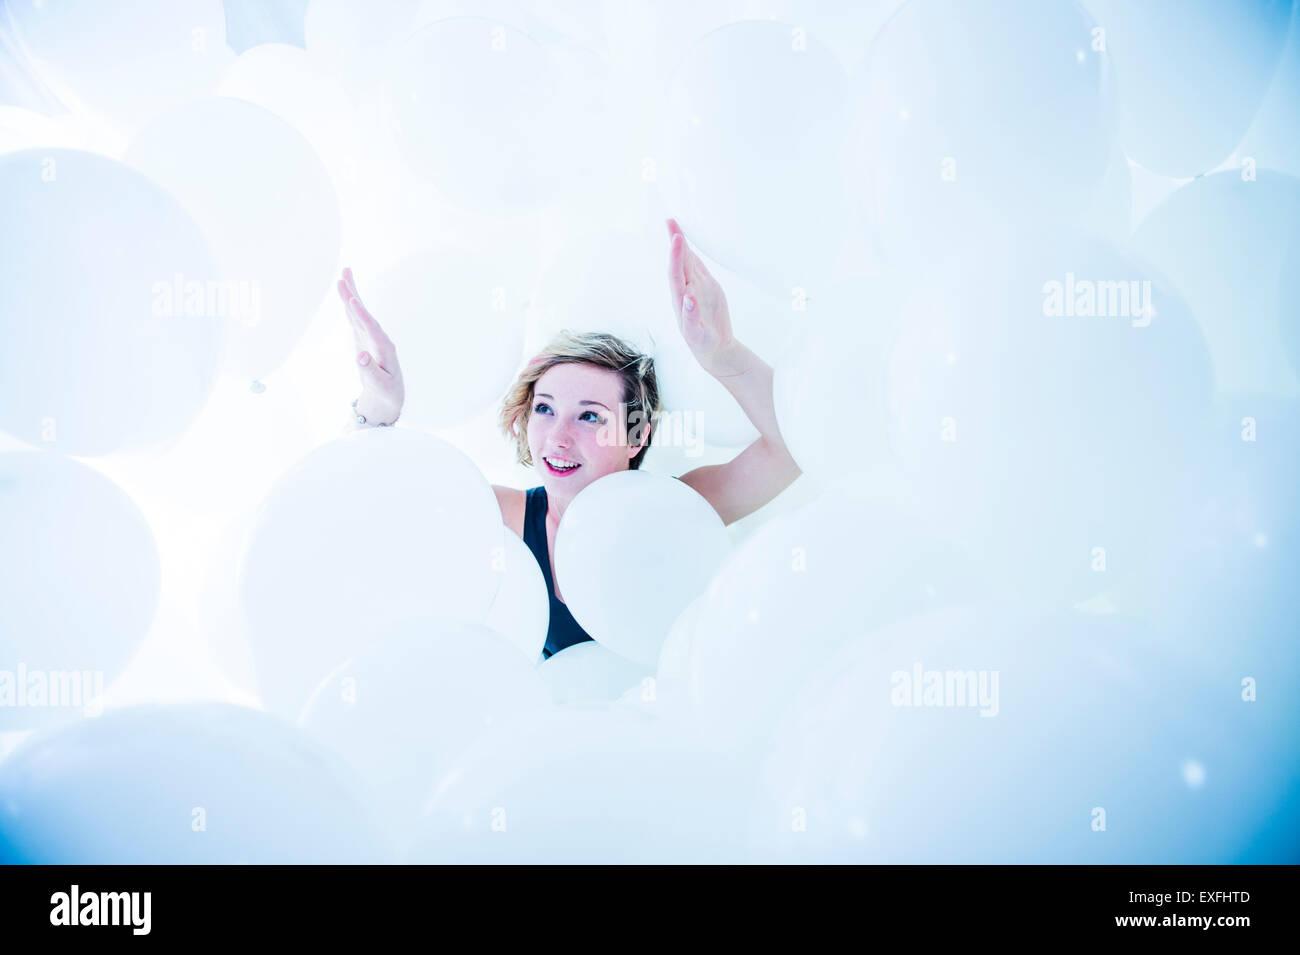 Globophobia: un sorridenti giovane donna bambina da sola in una nuvola di centinaia di palloncini bianchi - di superare Immagini Stock